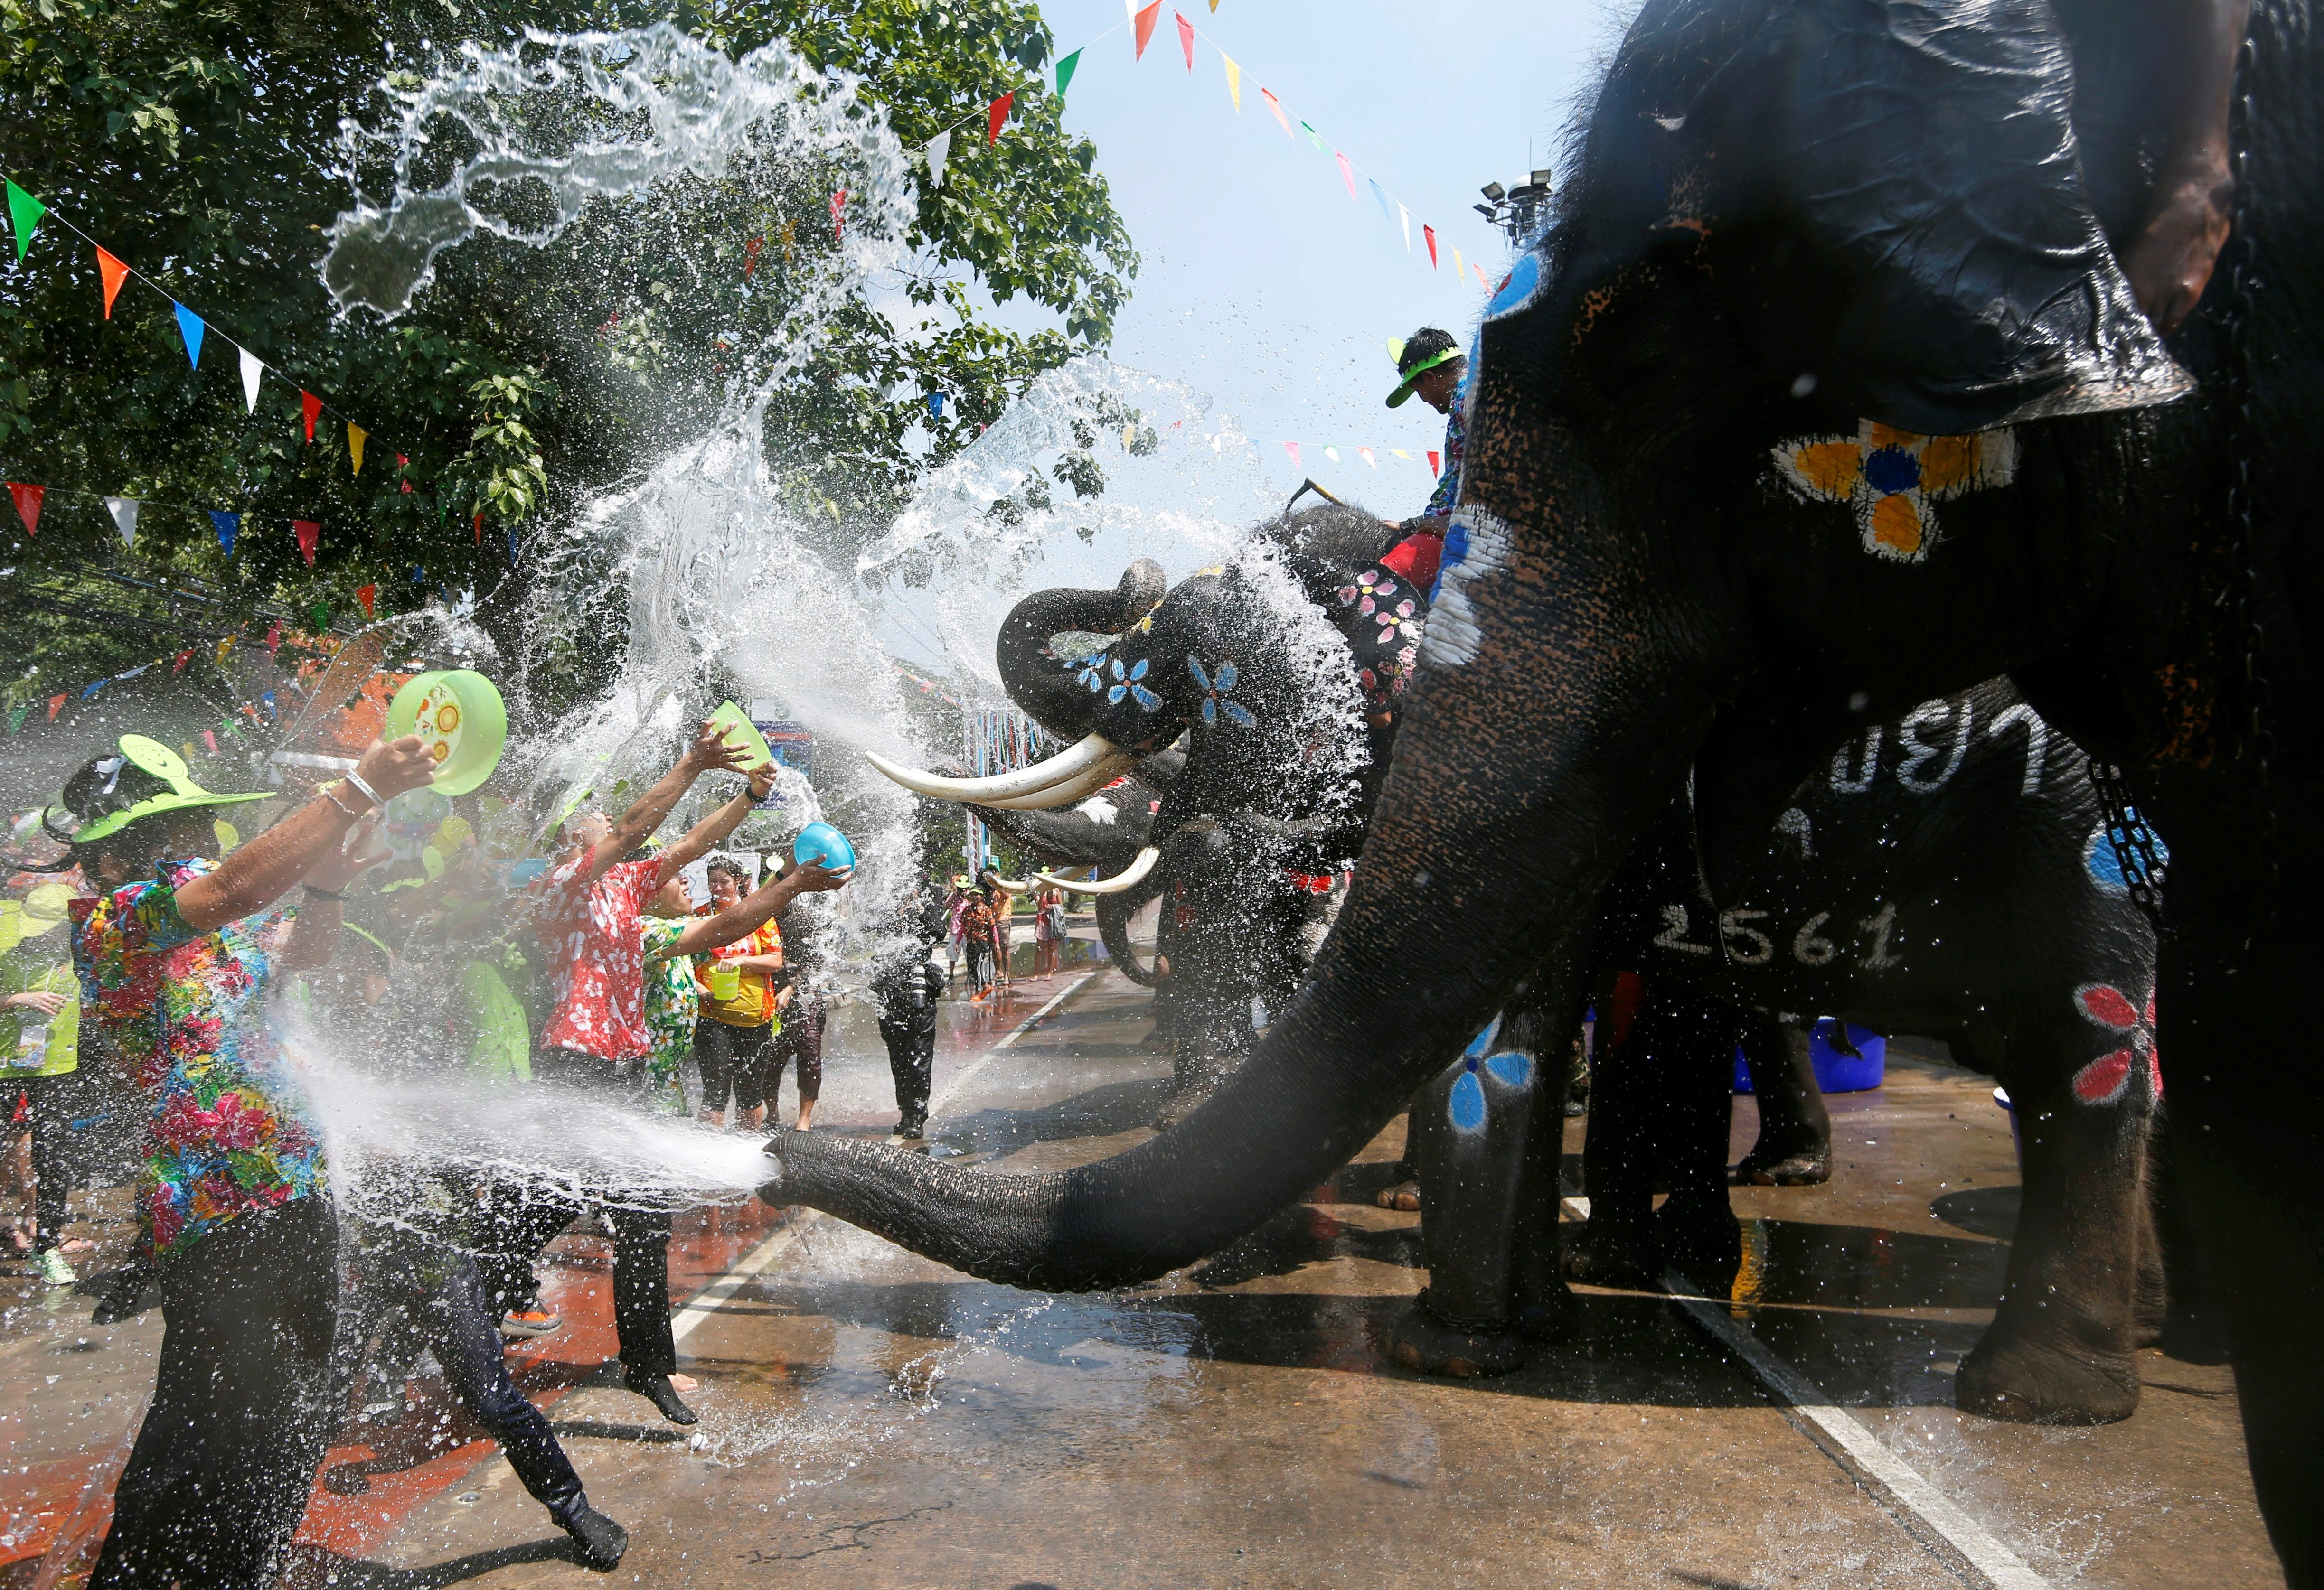 Elefants i persones es llancen aigua durant les celebracions del Festival Songkran a Ayutthaya (Tailàndia) per commemorar l'Any Nou tailandès. /RUNGROJ YONGRIT